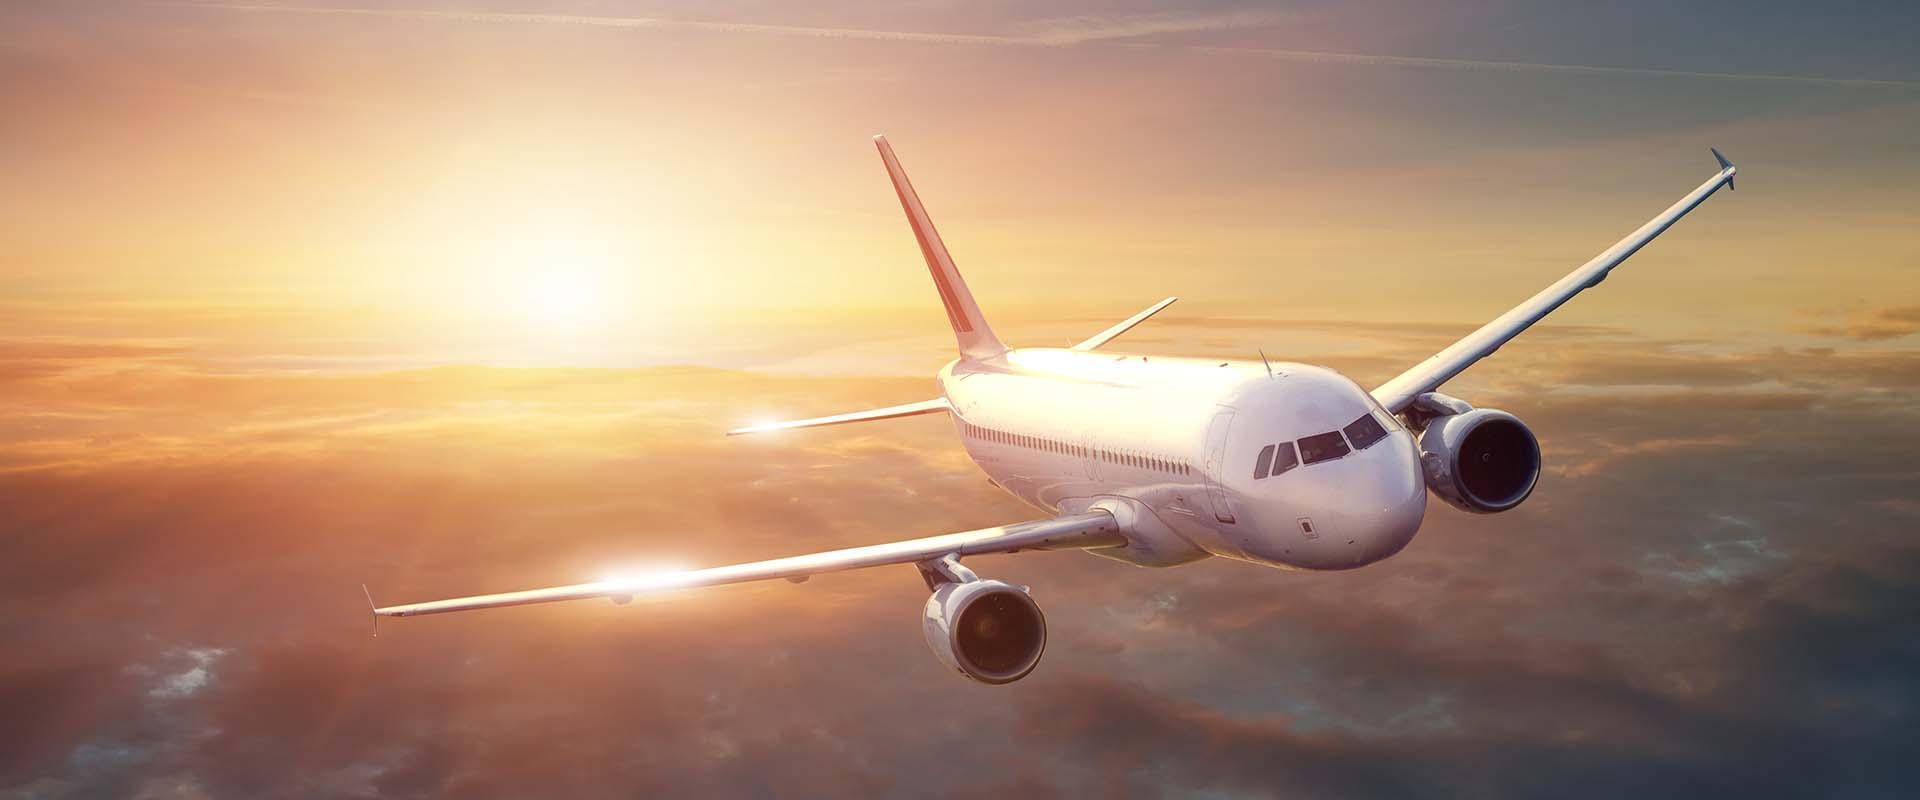 Airbus et l'avion vert, avion à hydrogène